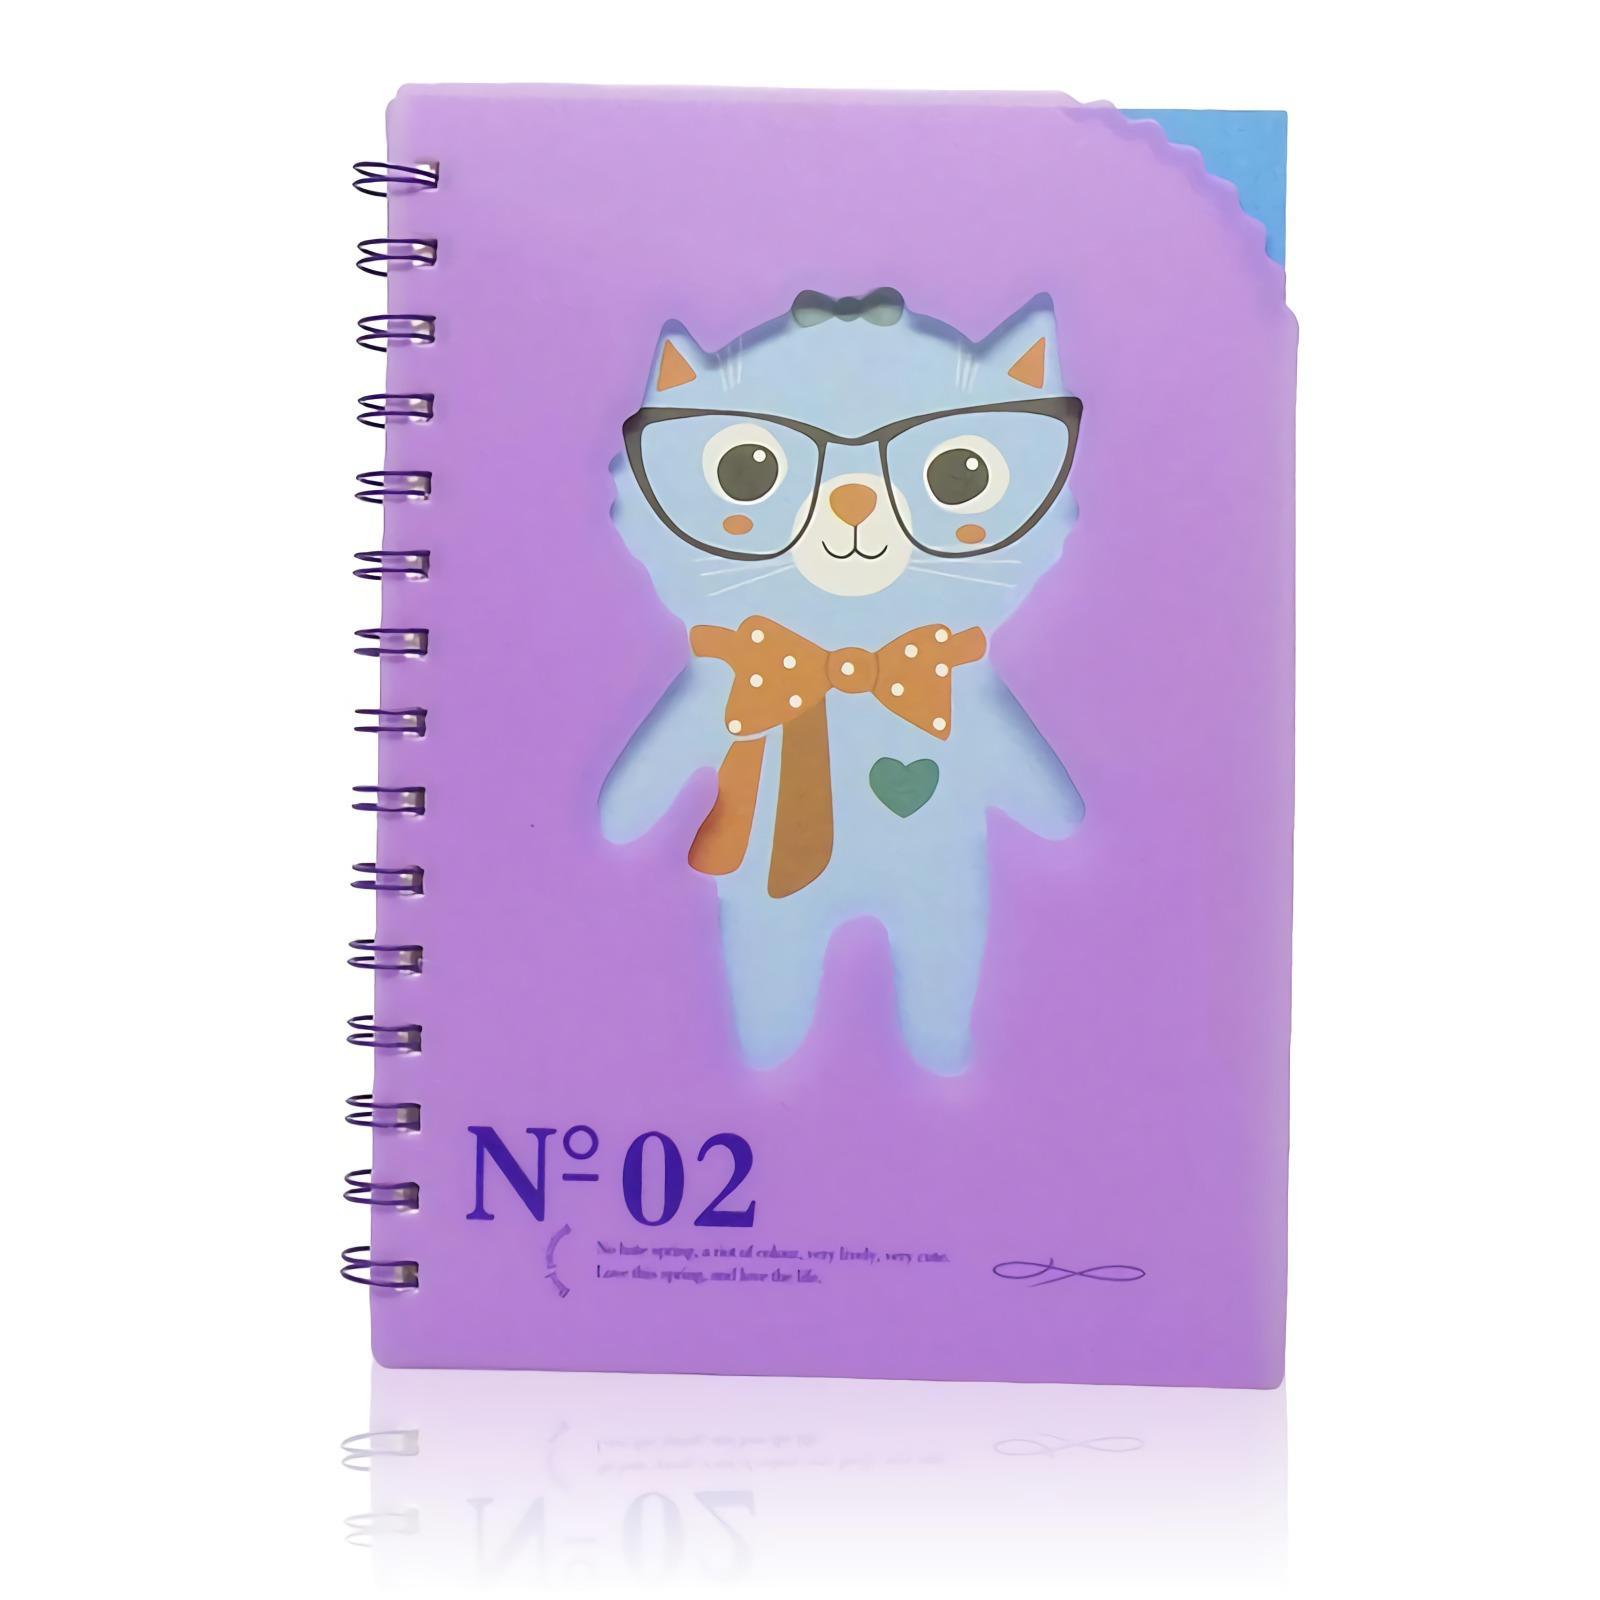 OHOME Buku Tulis [77 Lembar] Note Book Ukuran A5 Notebook Catatan MS-28825-40-NO-02 Ungu